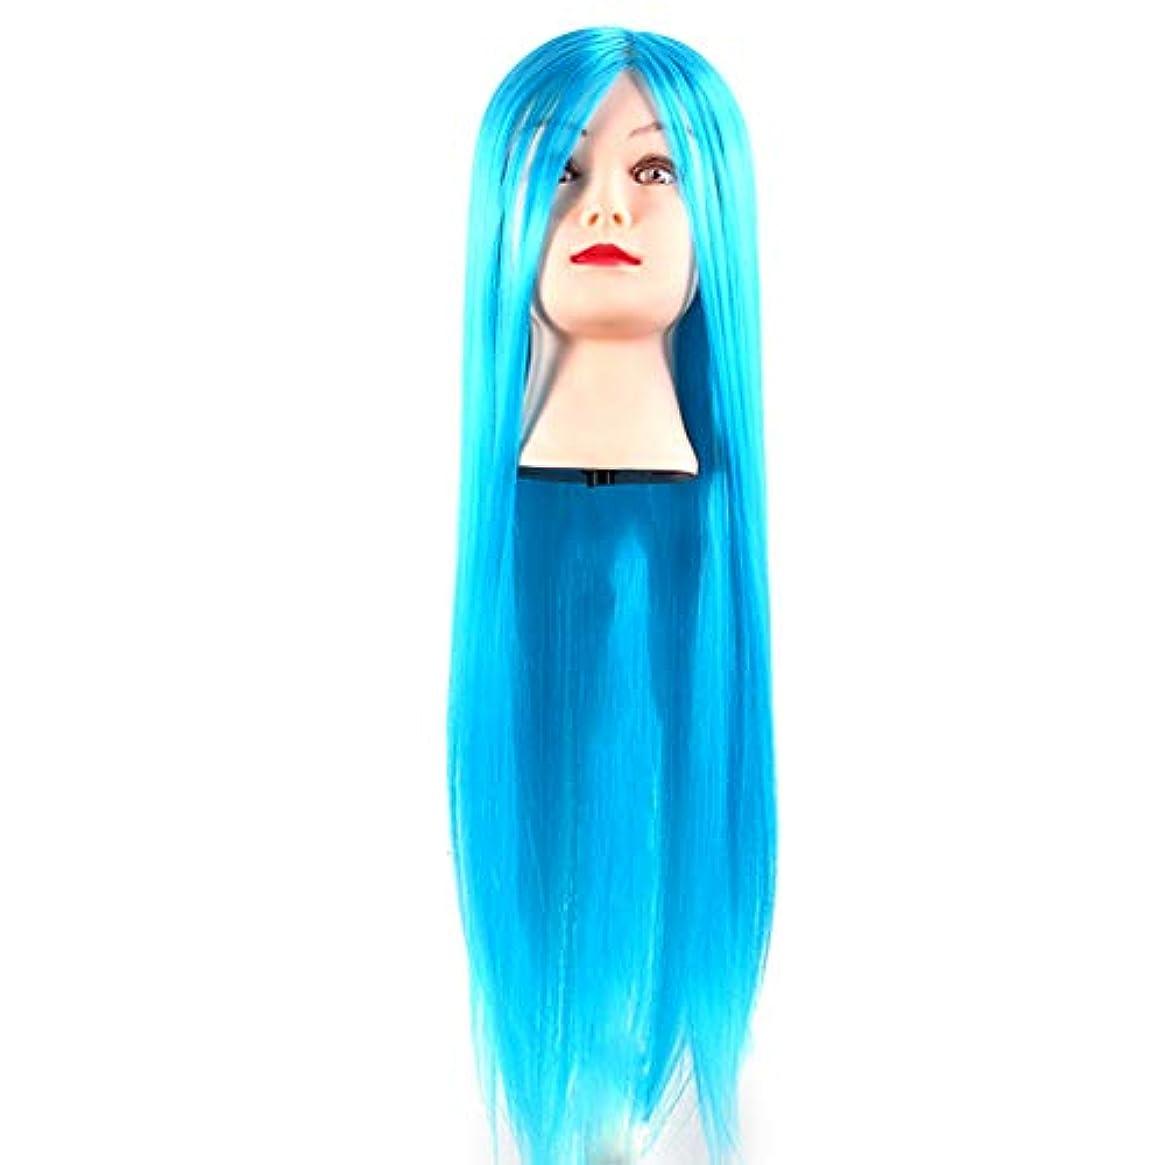 カニムス肌サロン散髪練習ヘッドモデルメイク学校編組髪開発学習モデルヘッドヘアストレートロングかつら